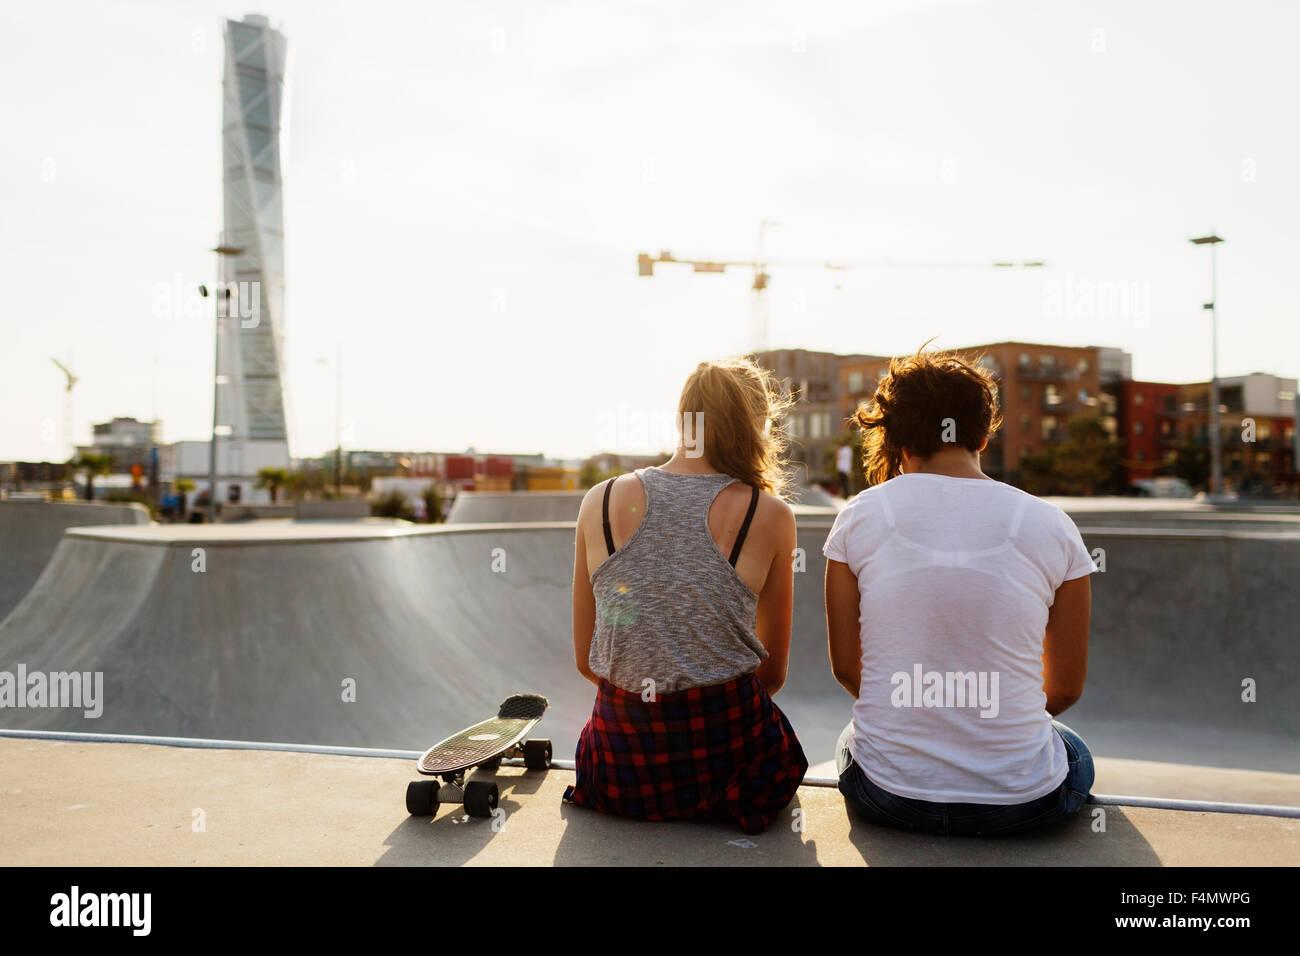 Vista trasera de amigas sentada en el borde de la rampa de skate Imagen De  Stock a03b536f6f3